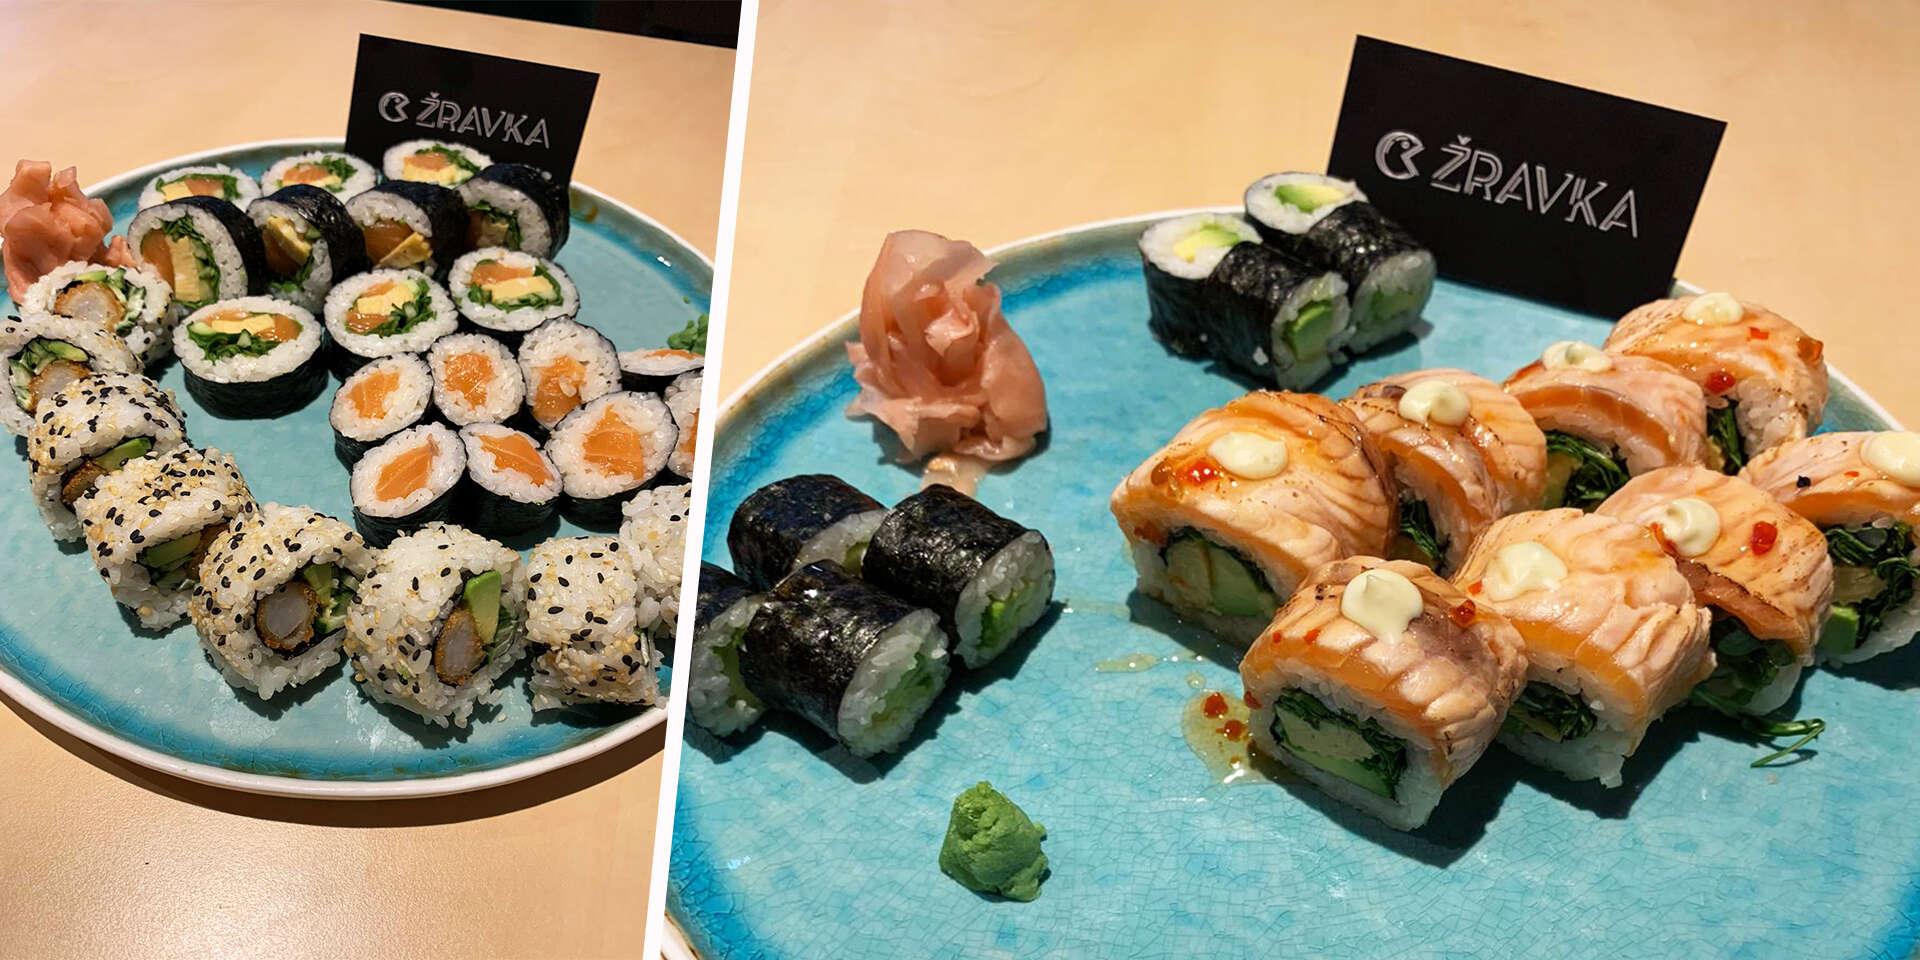 Žravka Bistro: Miesto, kde aj sushi dostáva štýl